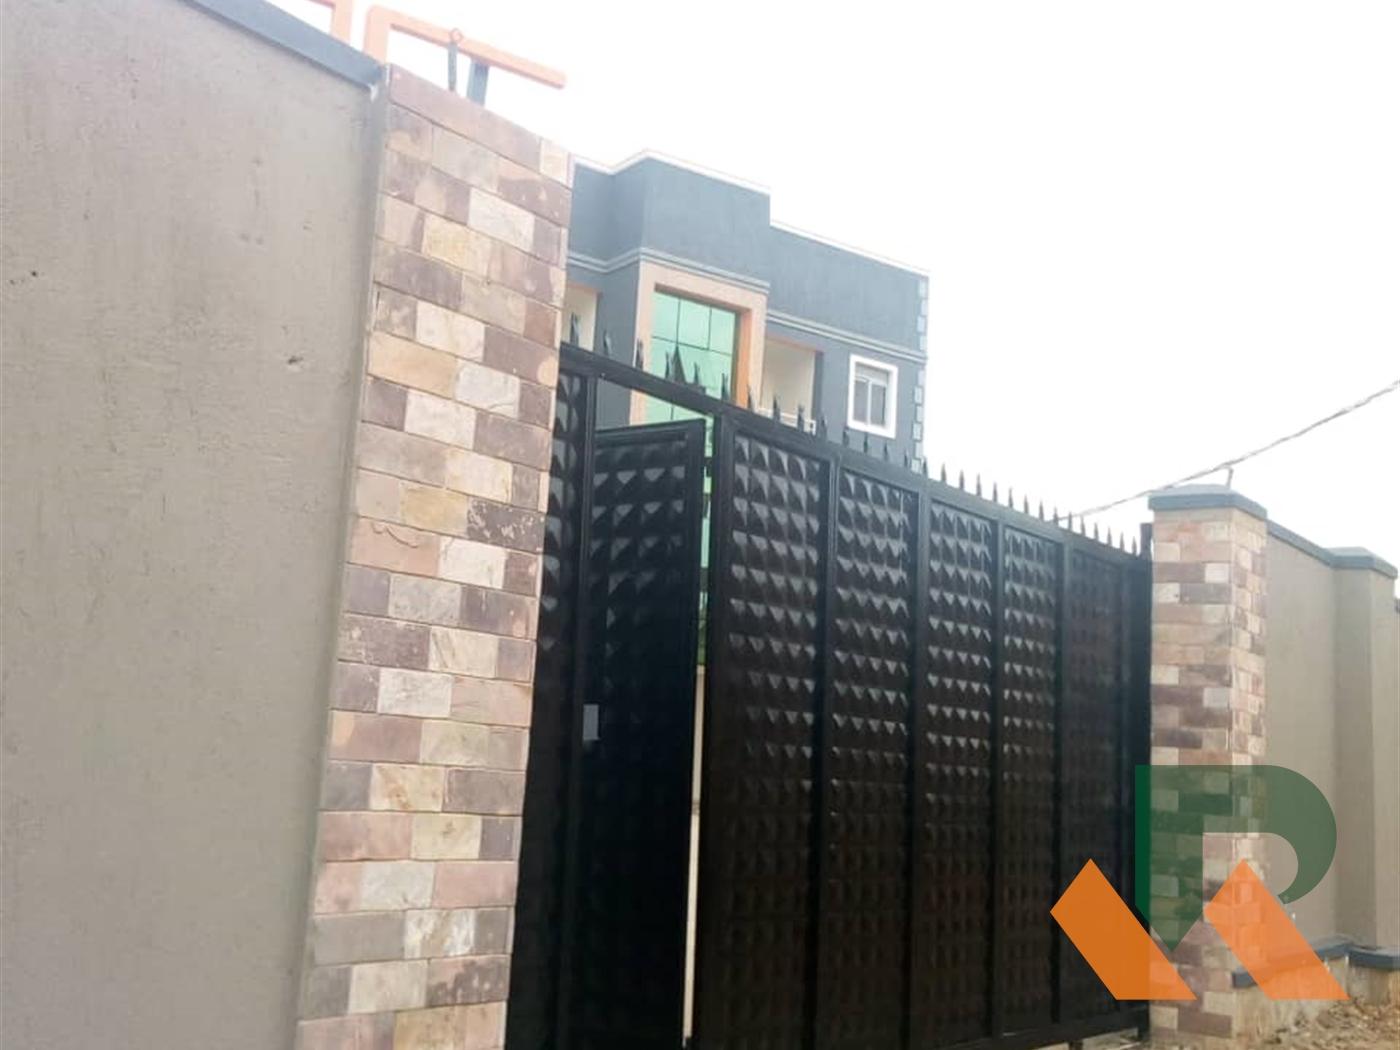 Apartment block for sale in Namugongo Wakiso